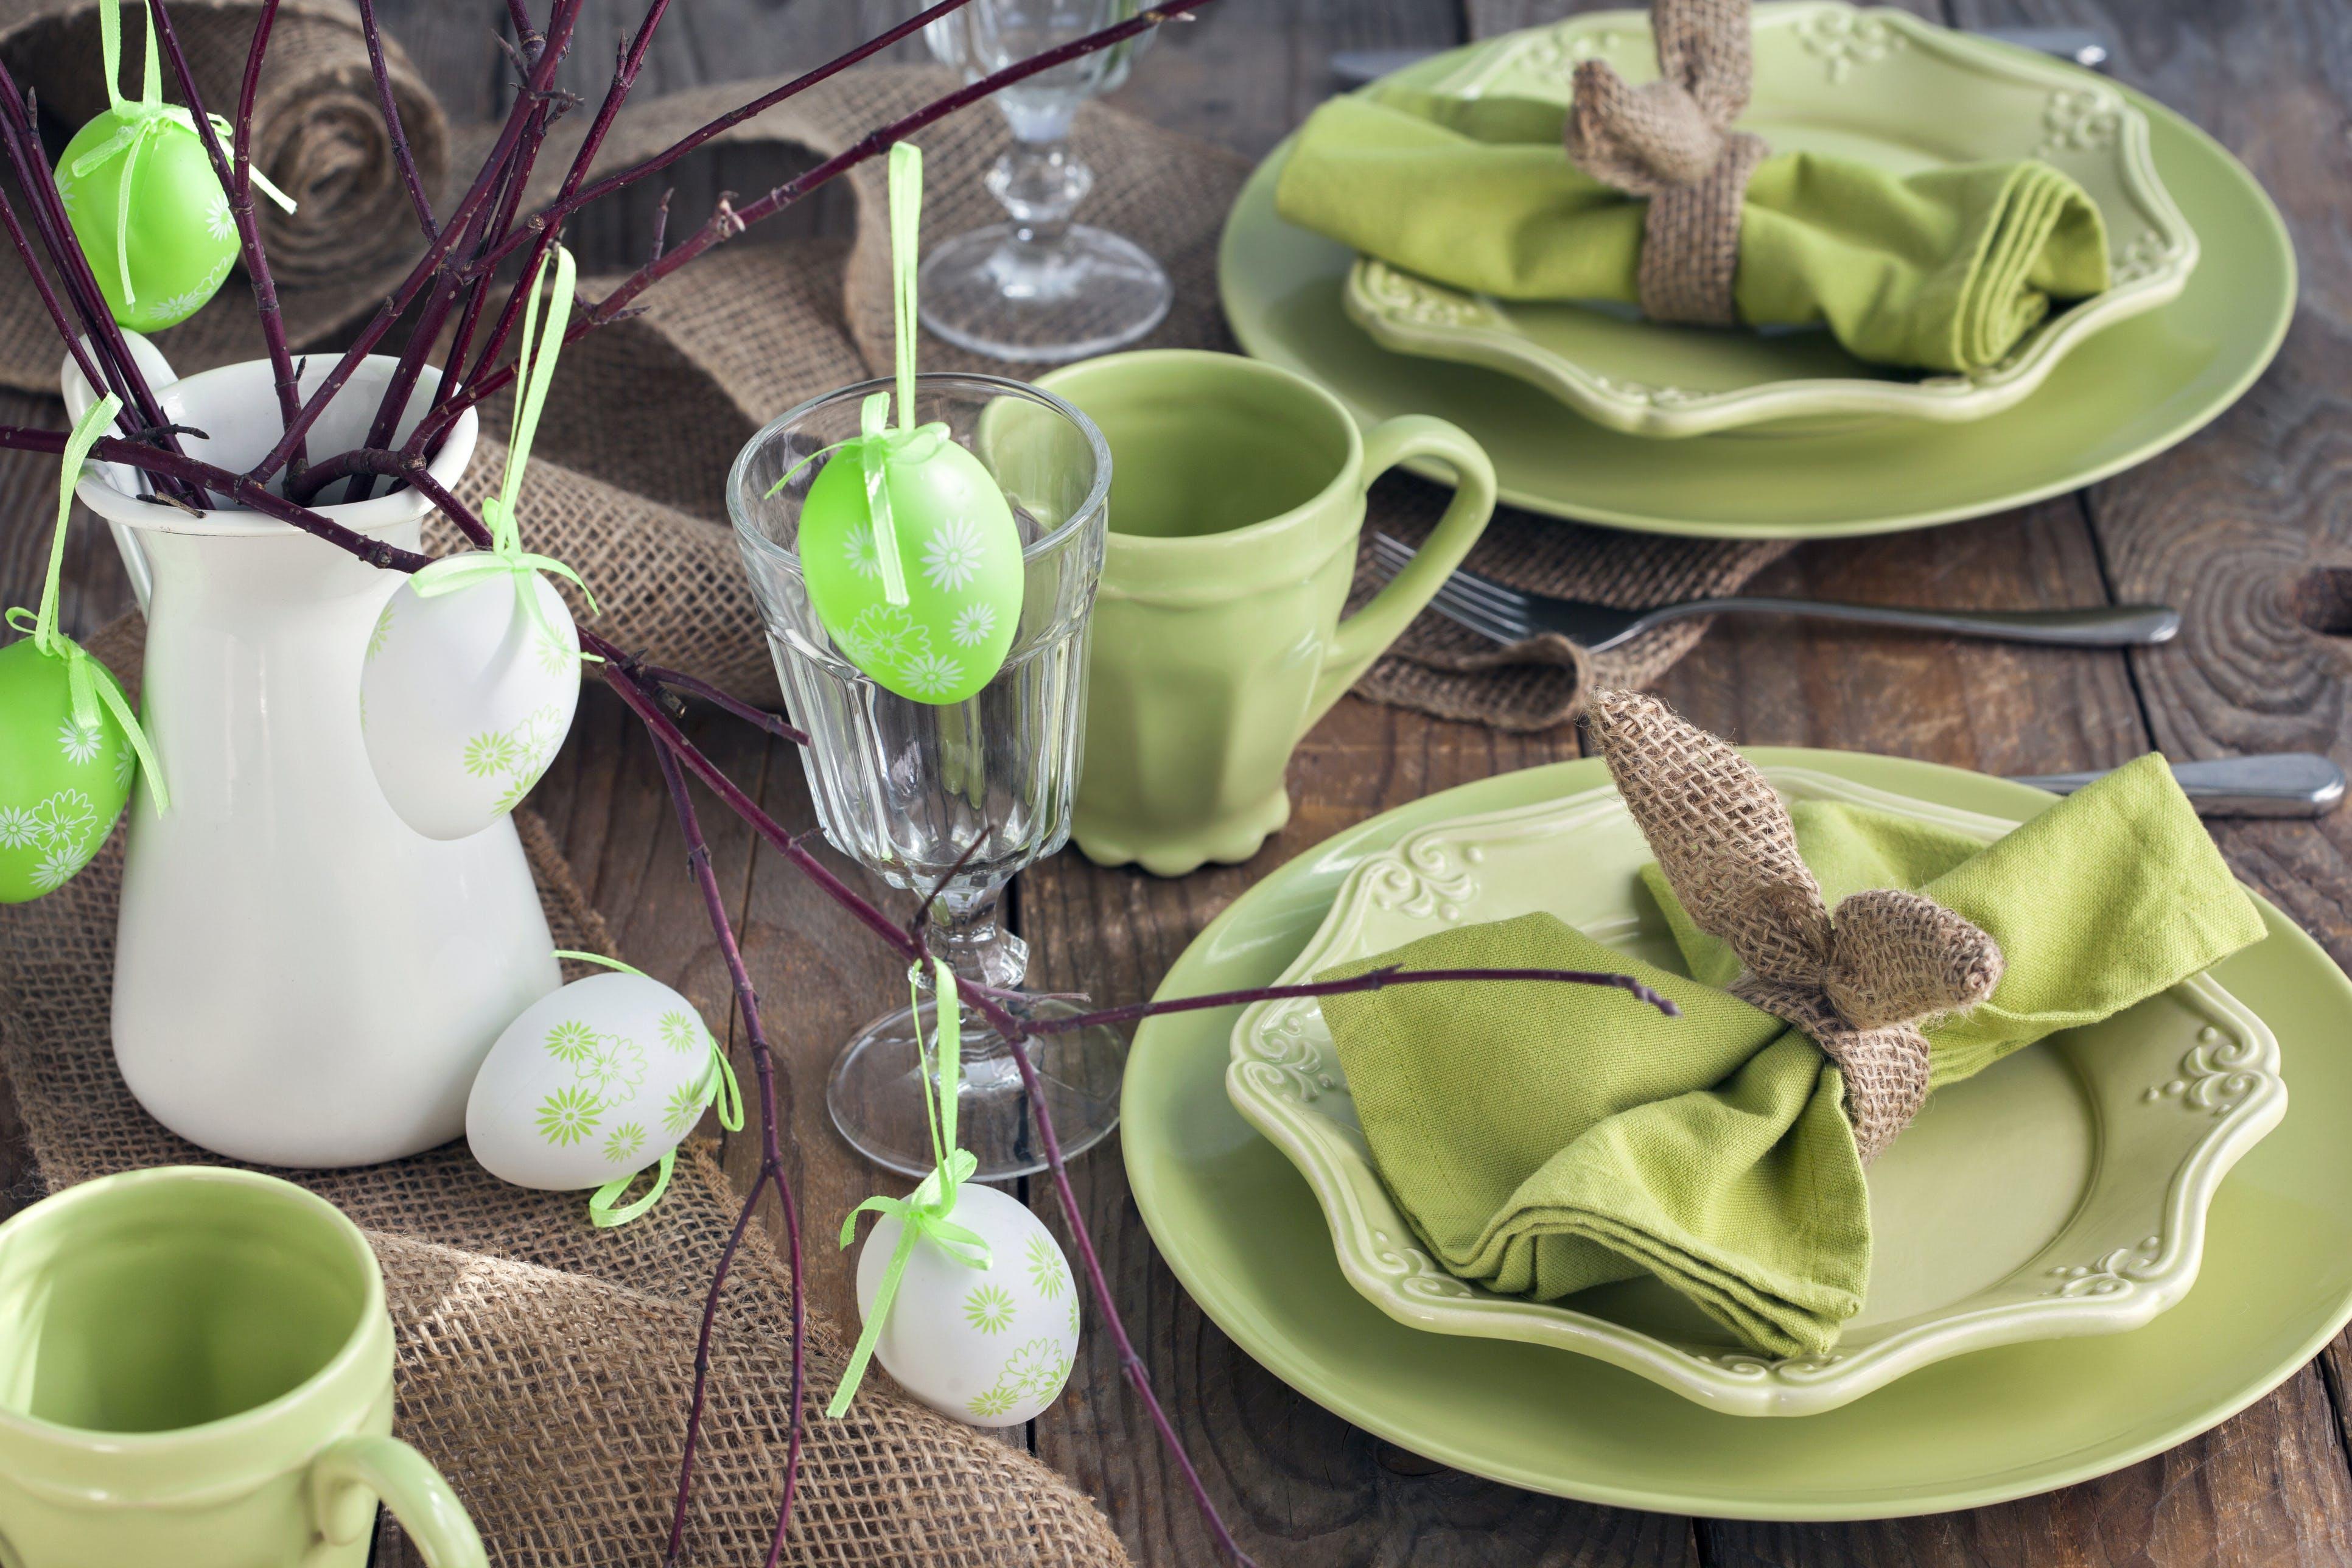 mesa de páscoa em tons verdes decorada com ovos